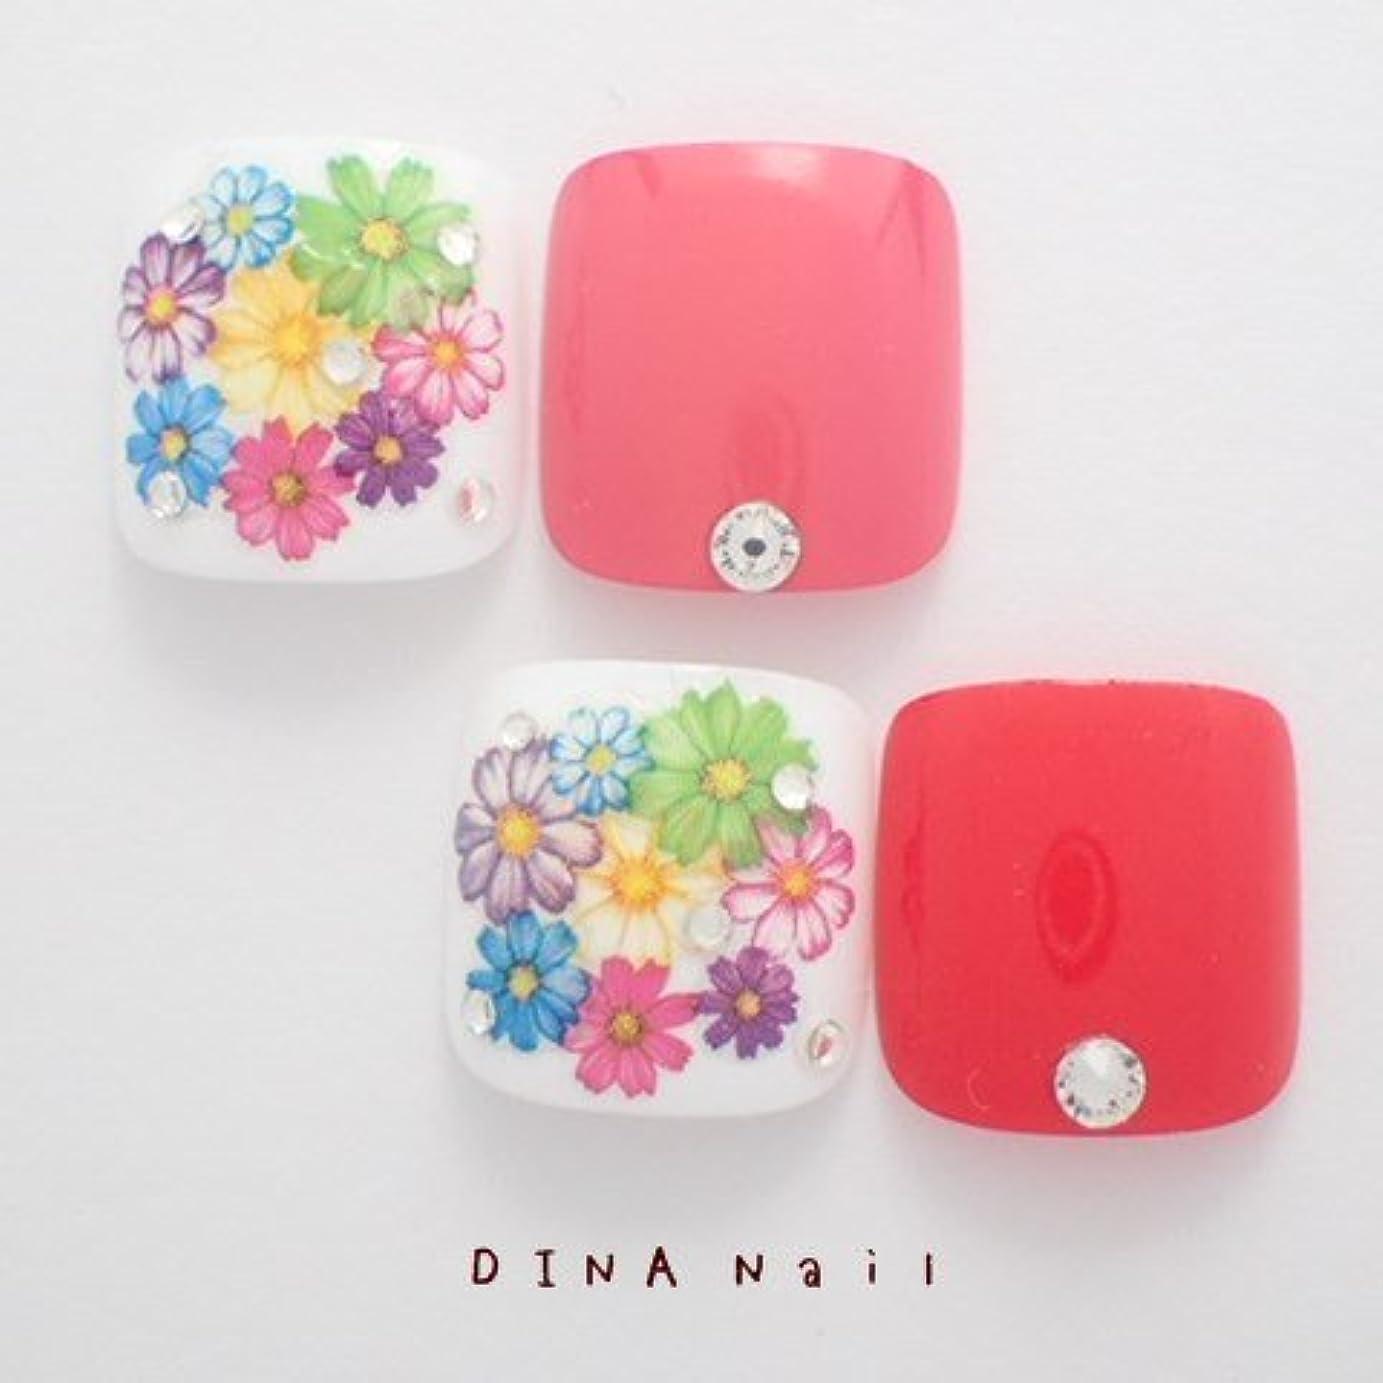 しなやか信者ほとんどの場合DINAネイル 押し花敷詰 ぺディキュアS(25678番) ネイルチップ ピンク